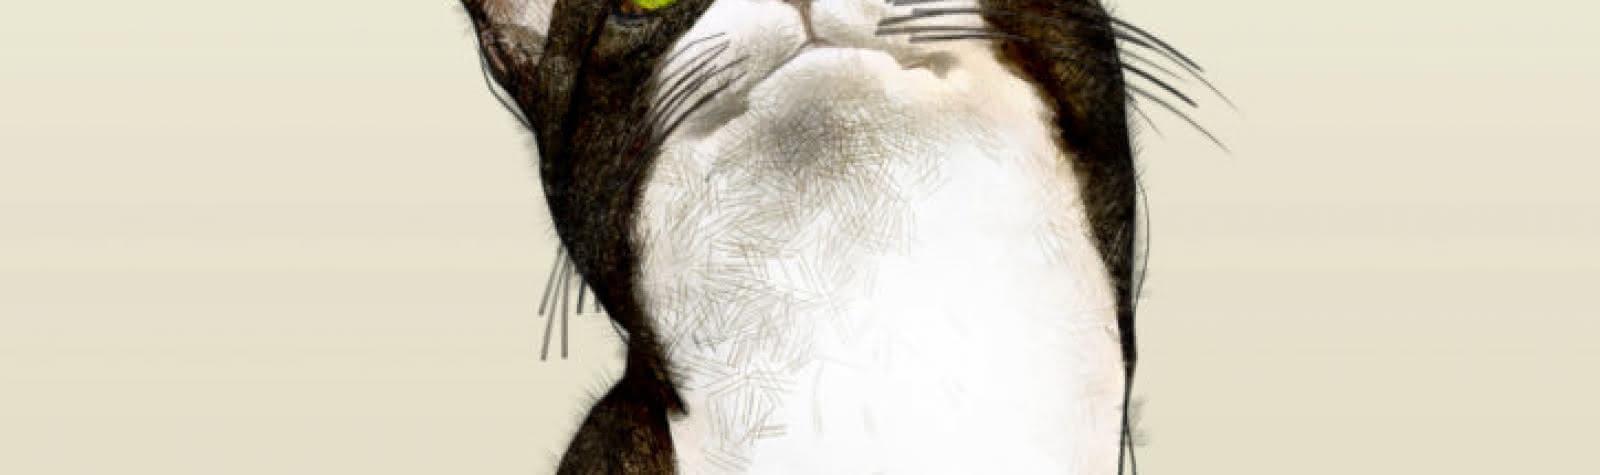 La 2Deuche : Chatouille